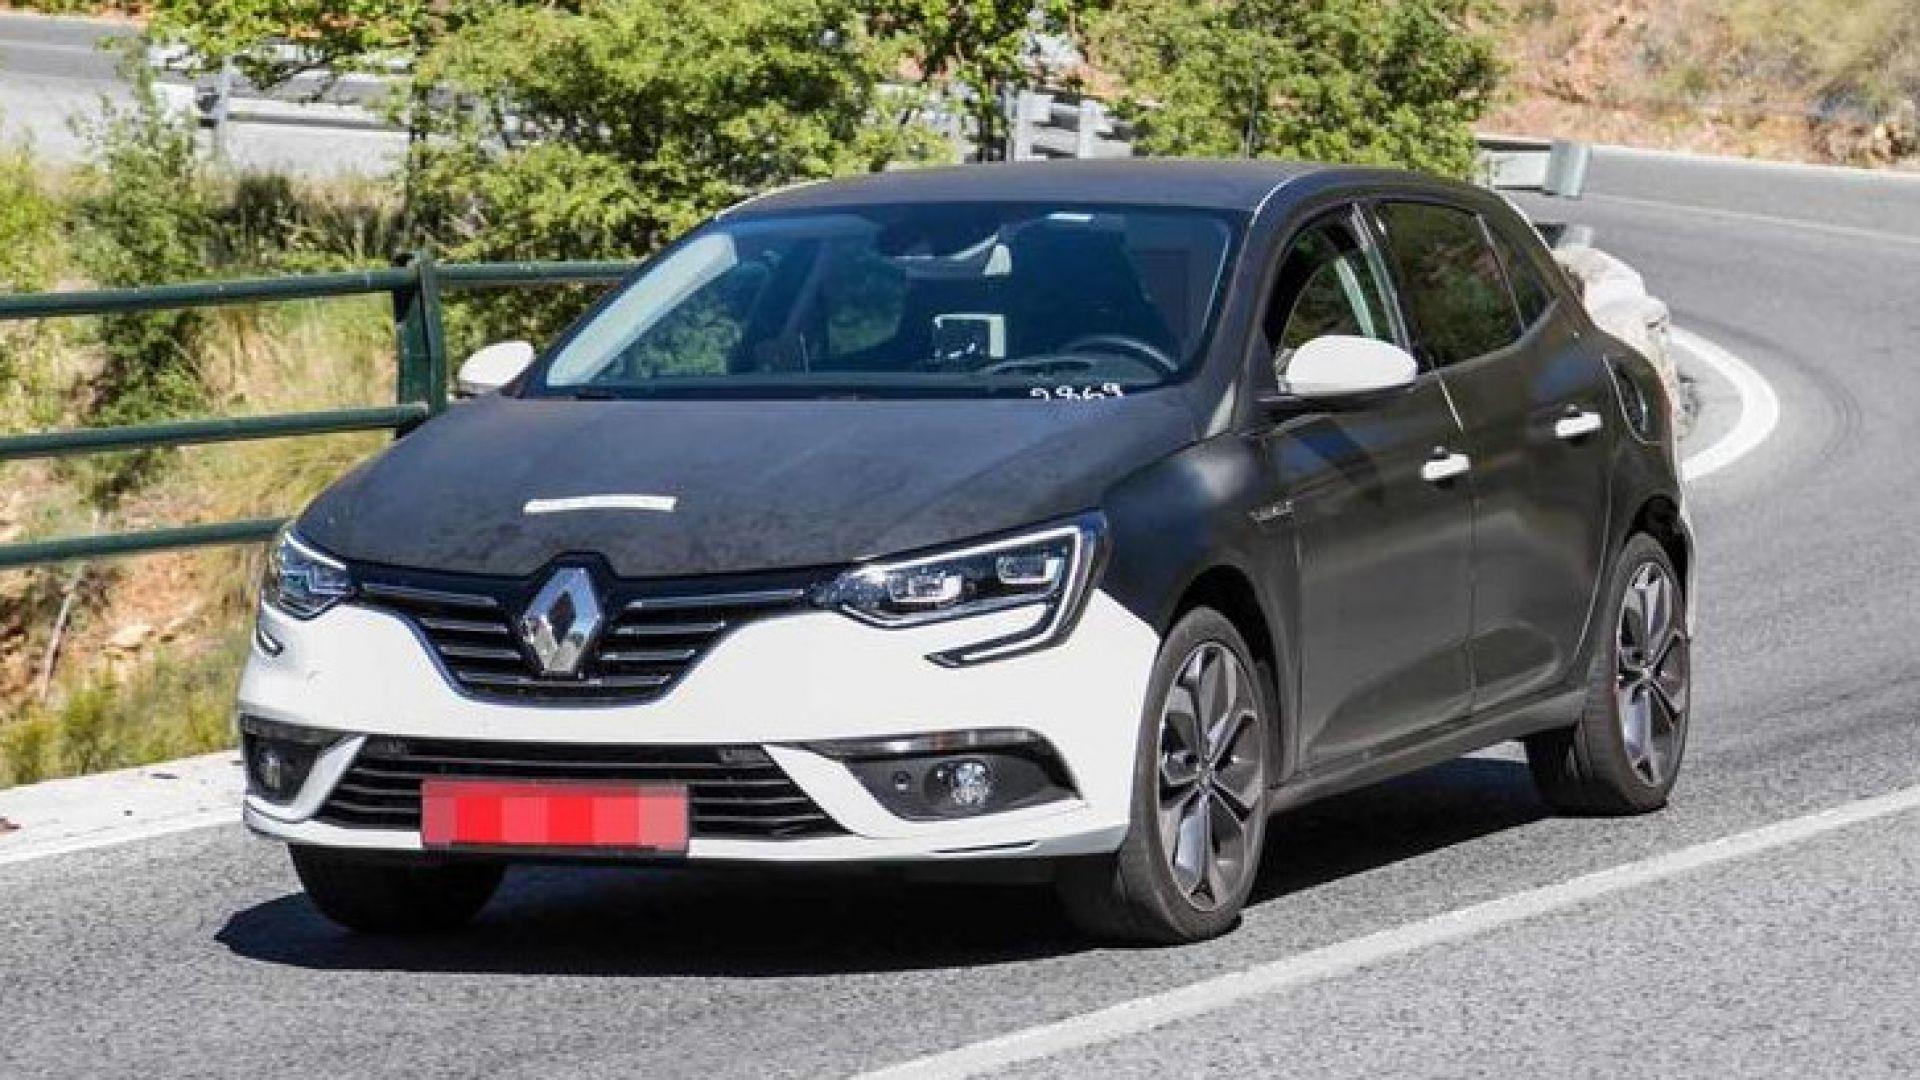 Renault Megane restyling 2020, arriva l'ibrido plug-in ...